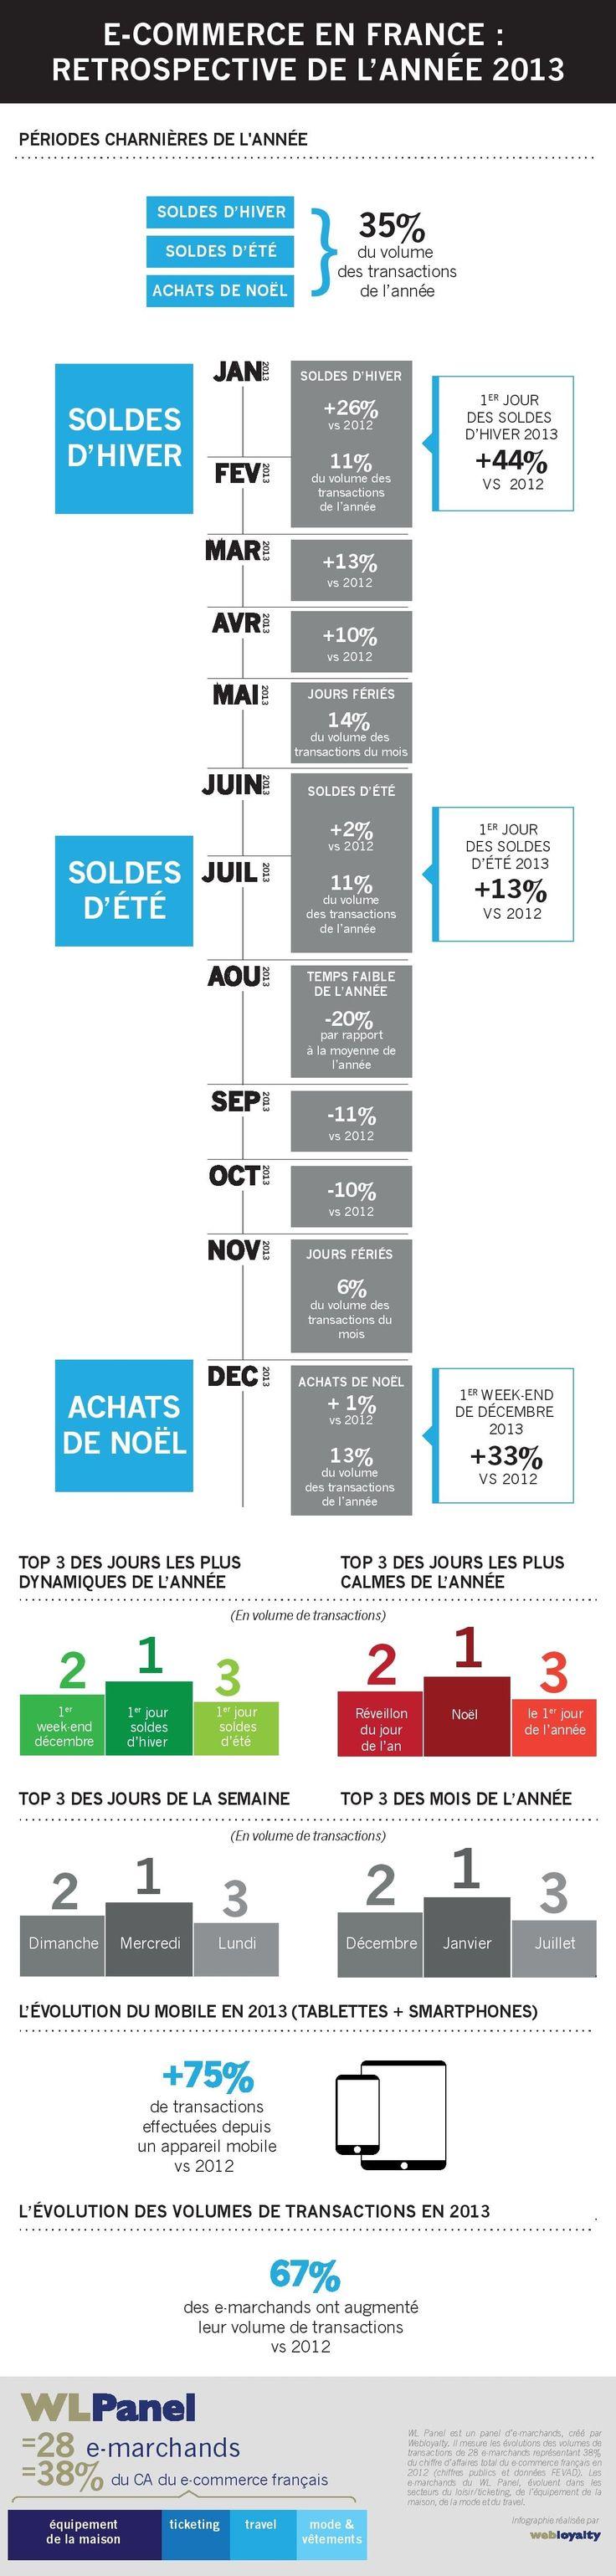 Infographie : E-Commerce en France - rétrospective de l'année 2013 par Webloyalty